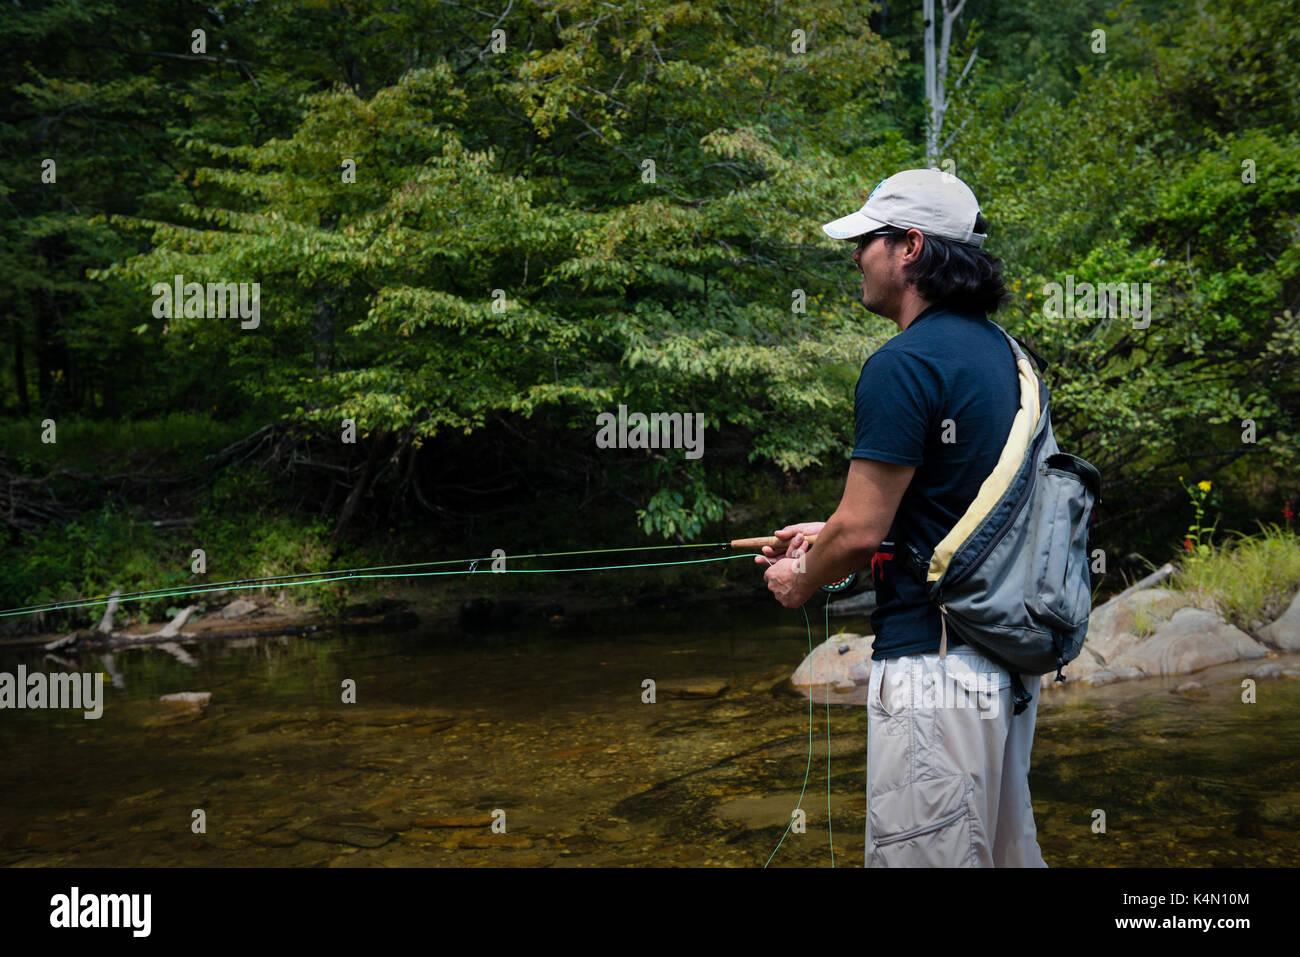 Pesca alla trota guida - uomo utilizza asta di trote per la pesca di trote,bass,bluegill,e pesce gatto wilson Creek North Carolina deserto uomo la pesca Immagini Stock